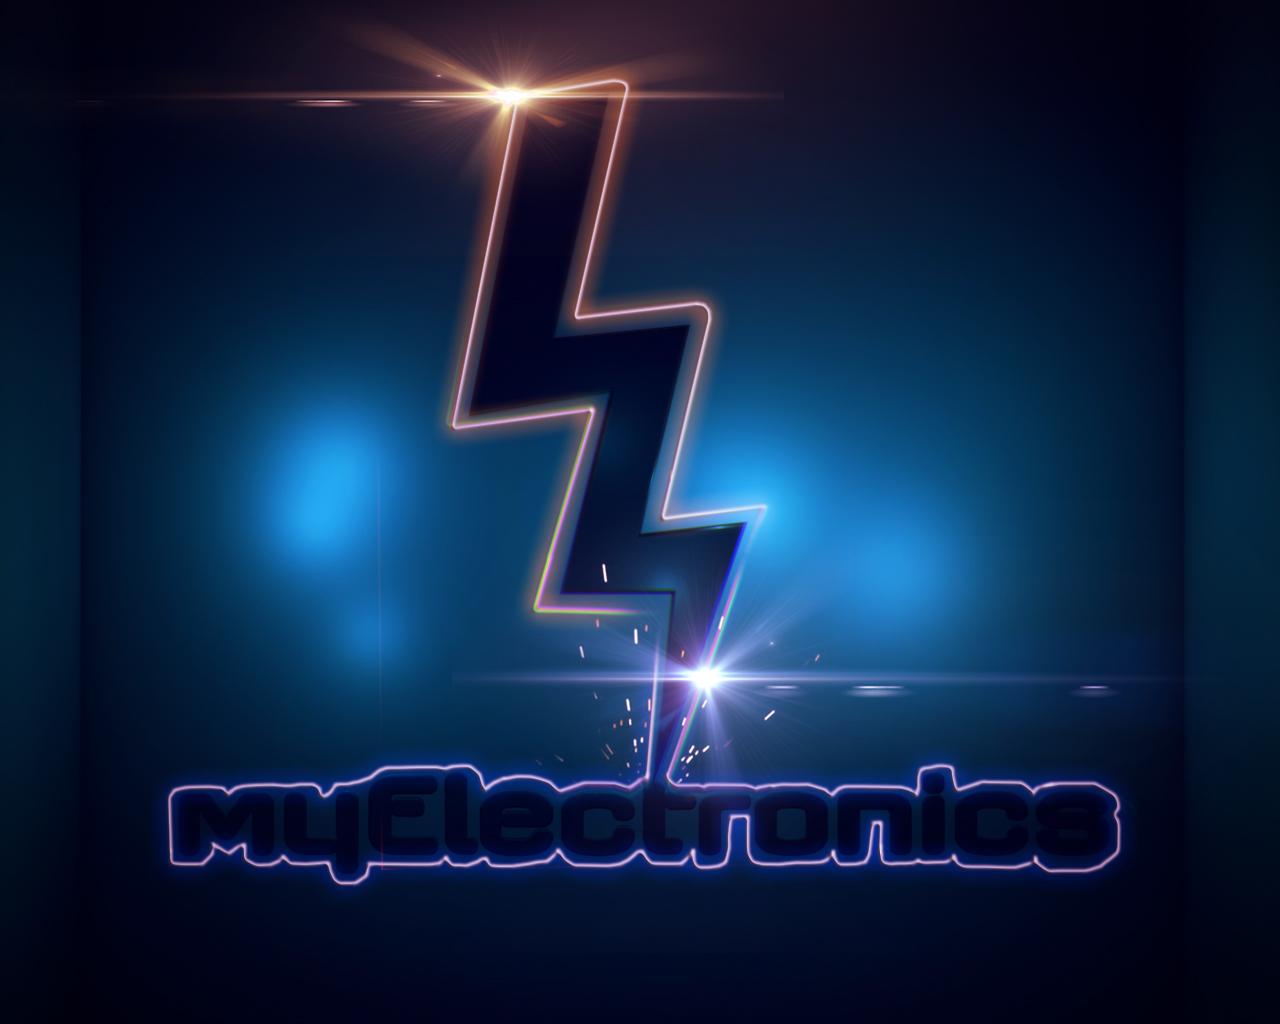 MyElectronics